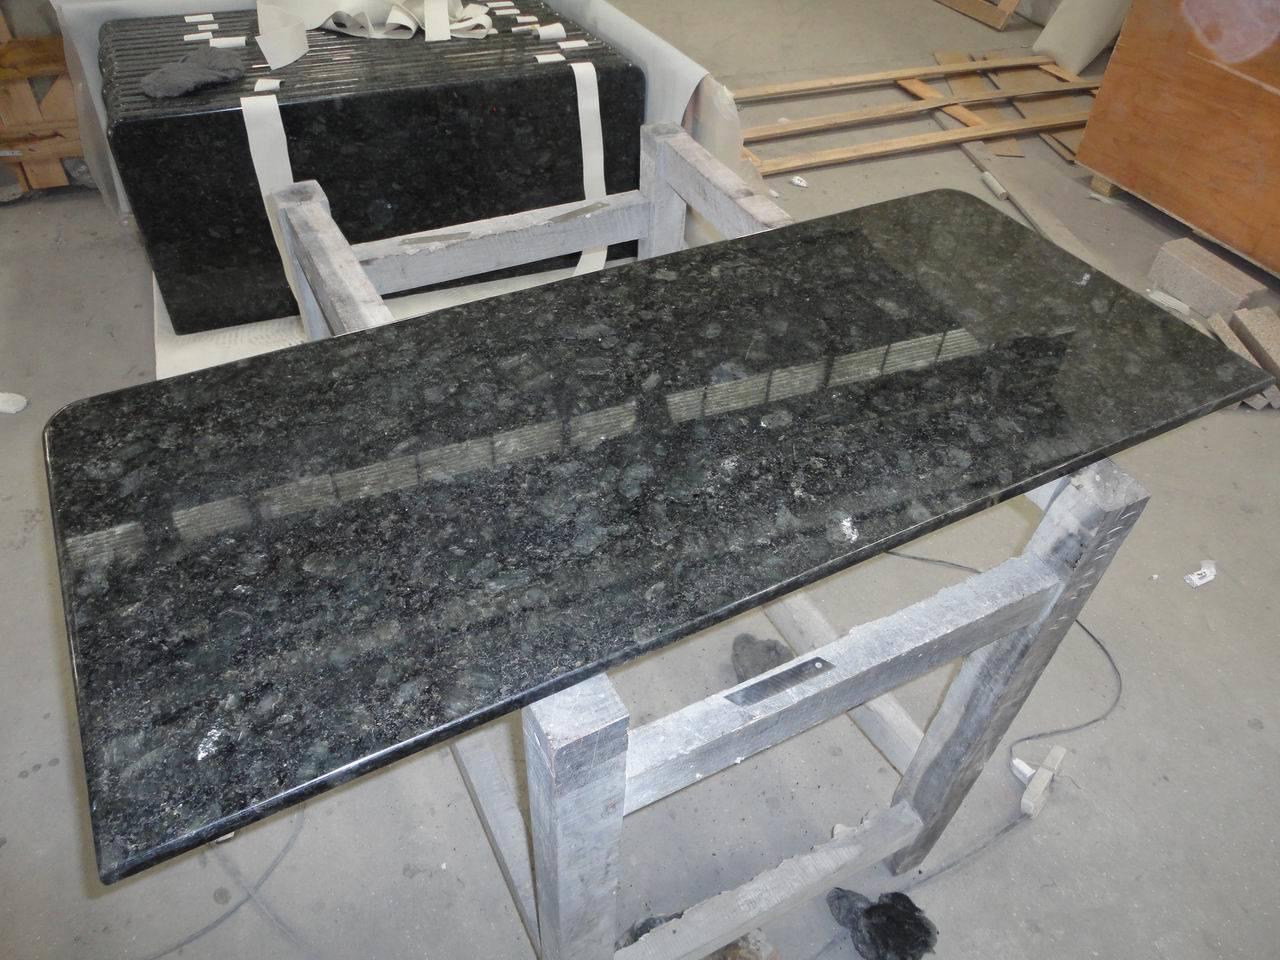 #7B5D43 Bancada azul da cozinha do granito –Bancada azul da cozinha do  1280x960 px Bancada De Granito Para Cozinha Americana Preço #1407 imagens